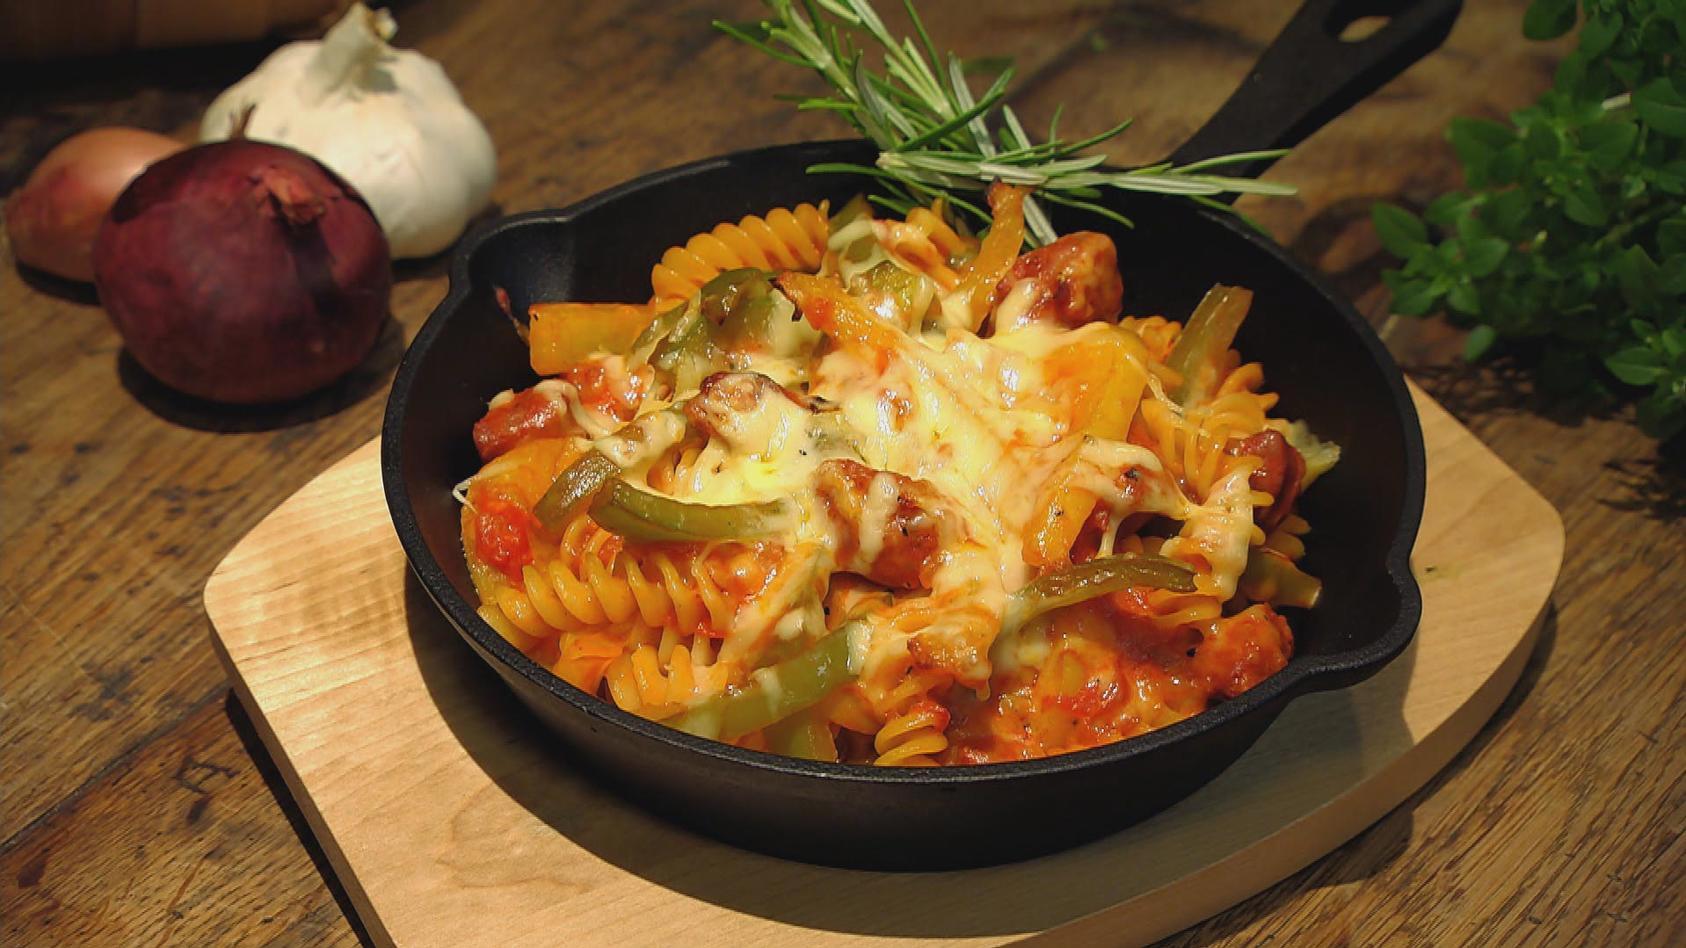 Entspannt ins Wochenende – Vorbereitet gutes Essen genießen: Scharfer Paprika-Nudelauflauf mit Chorizo